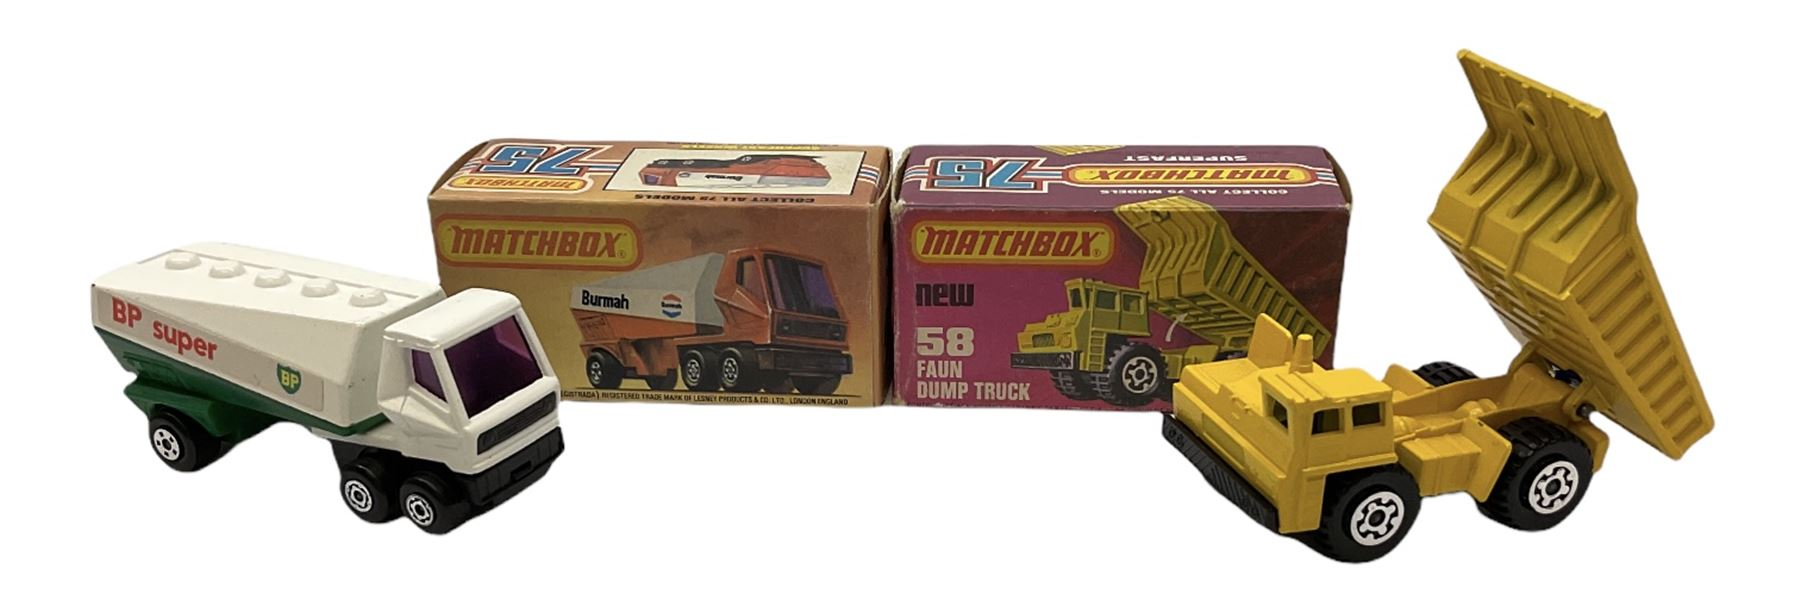 Matchbox/Superfast - eleven '1-75' series models comprising 53f Flareside Pick-Up - Image 2 of 7